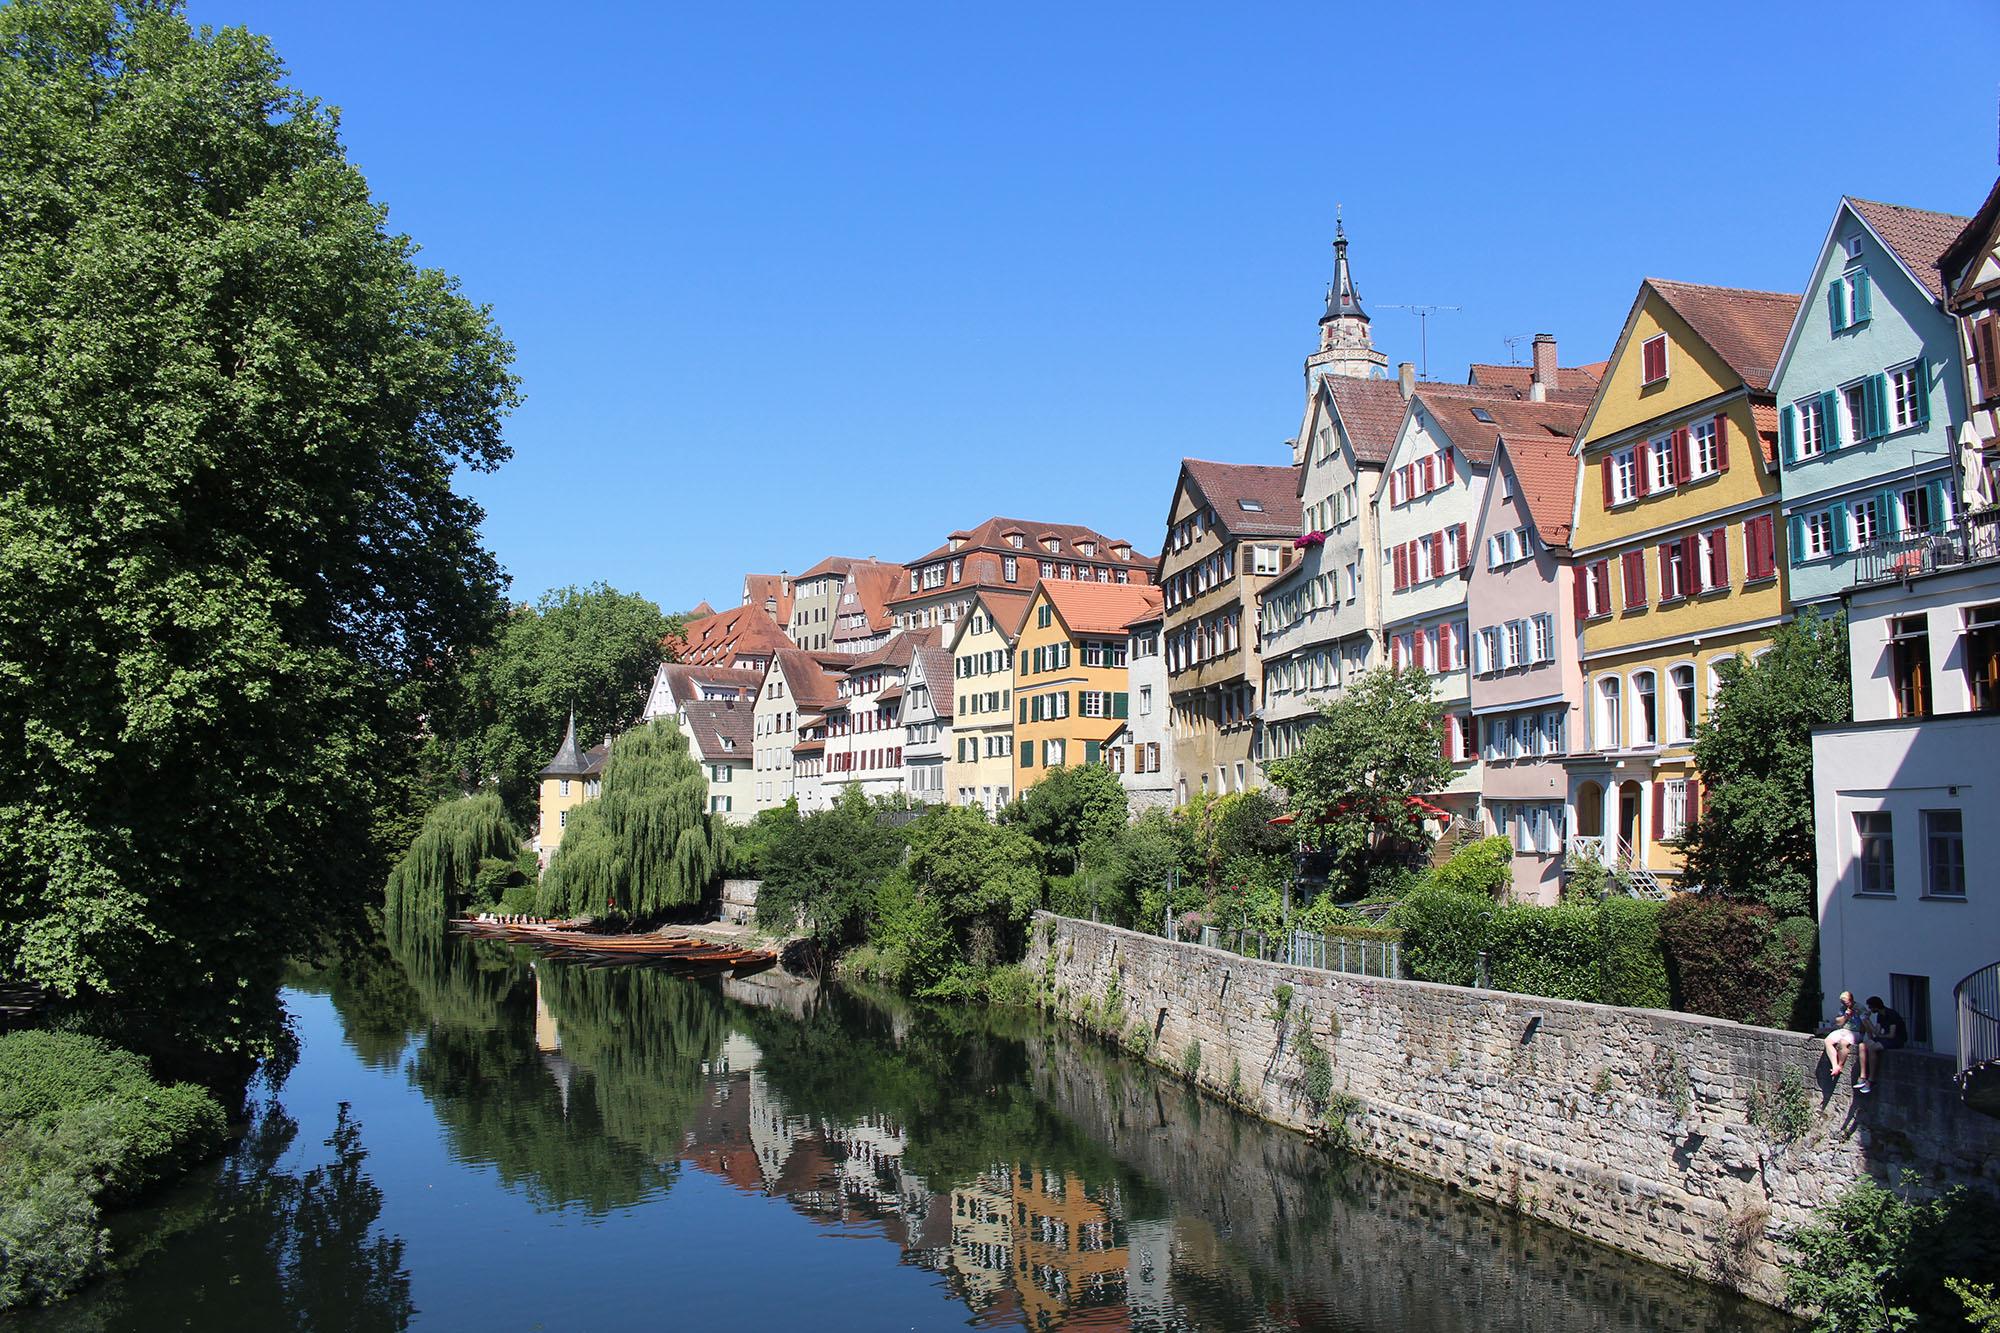 Wunderschöne Häuserfront direkt am Neckar – typisch Tübingen.